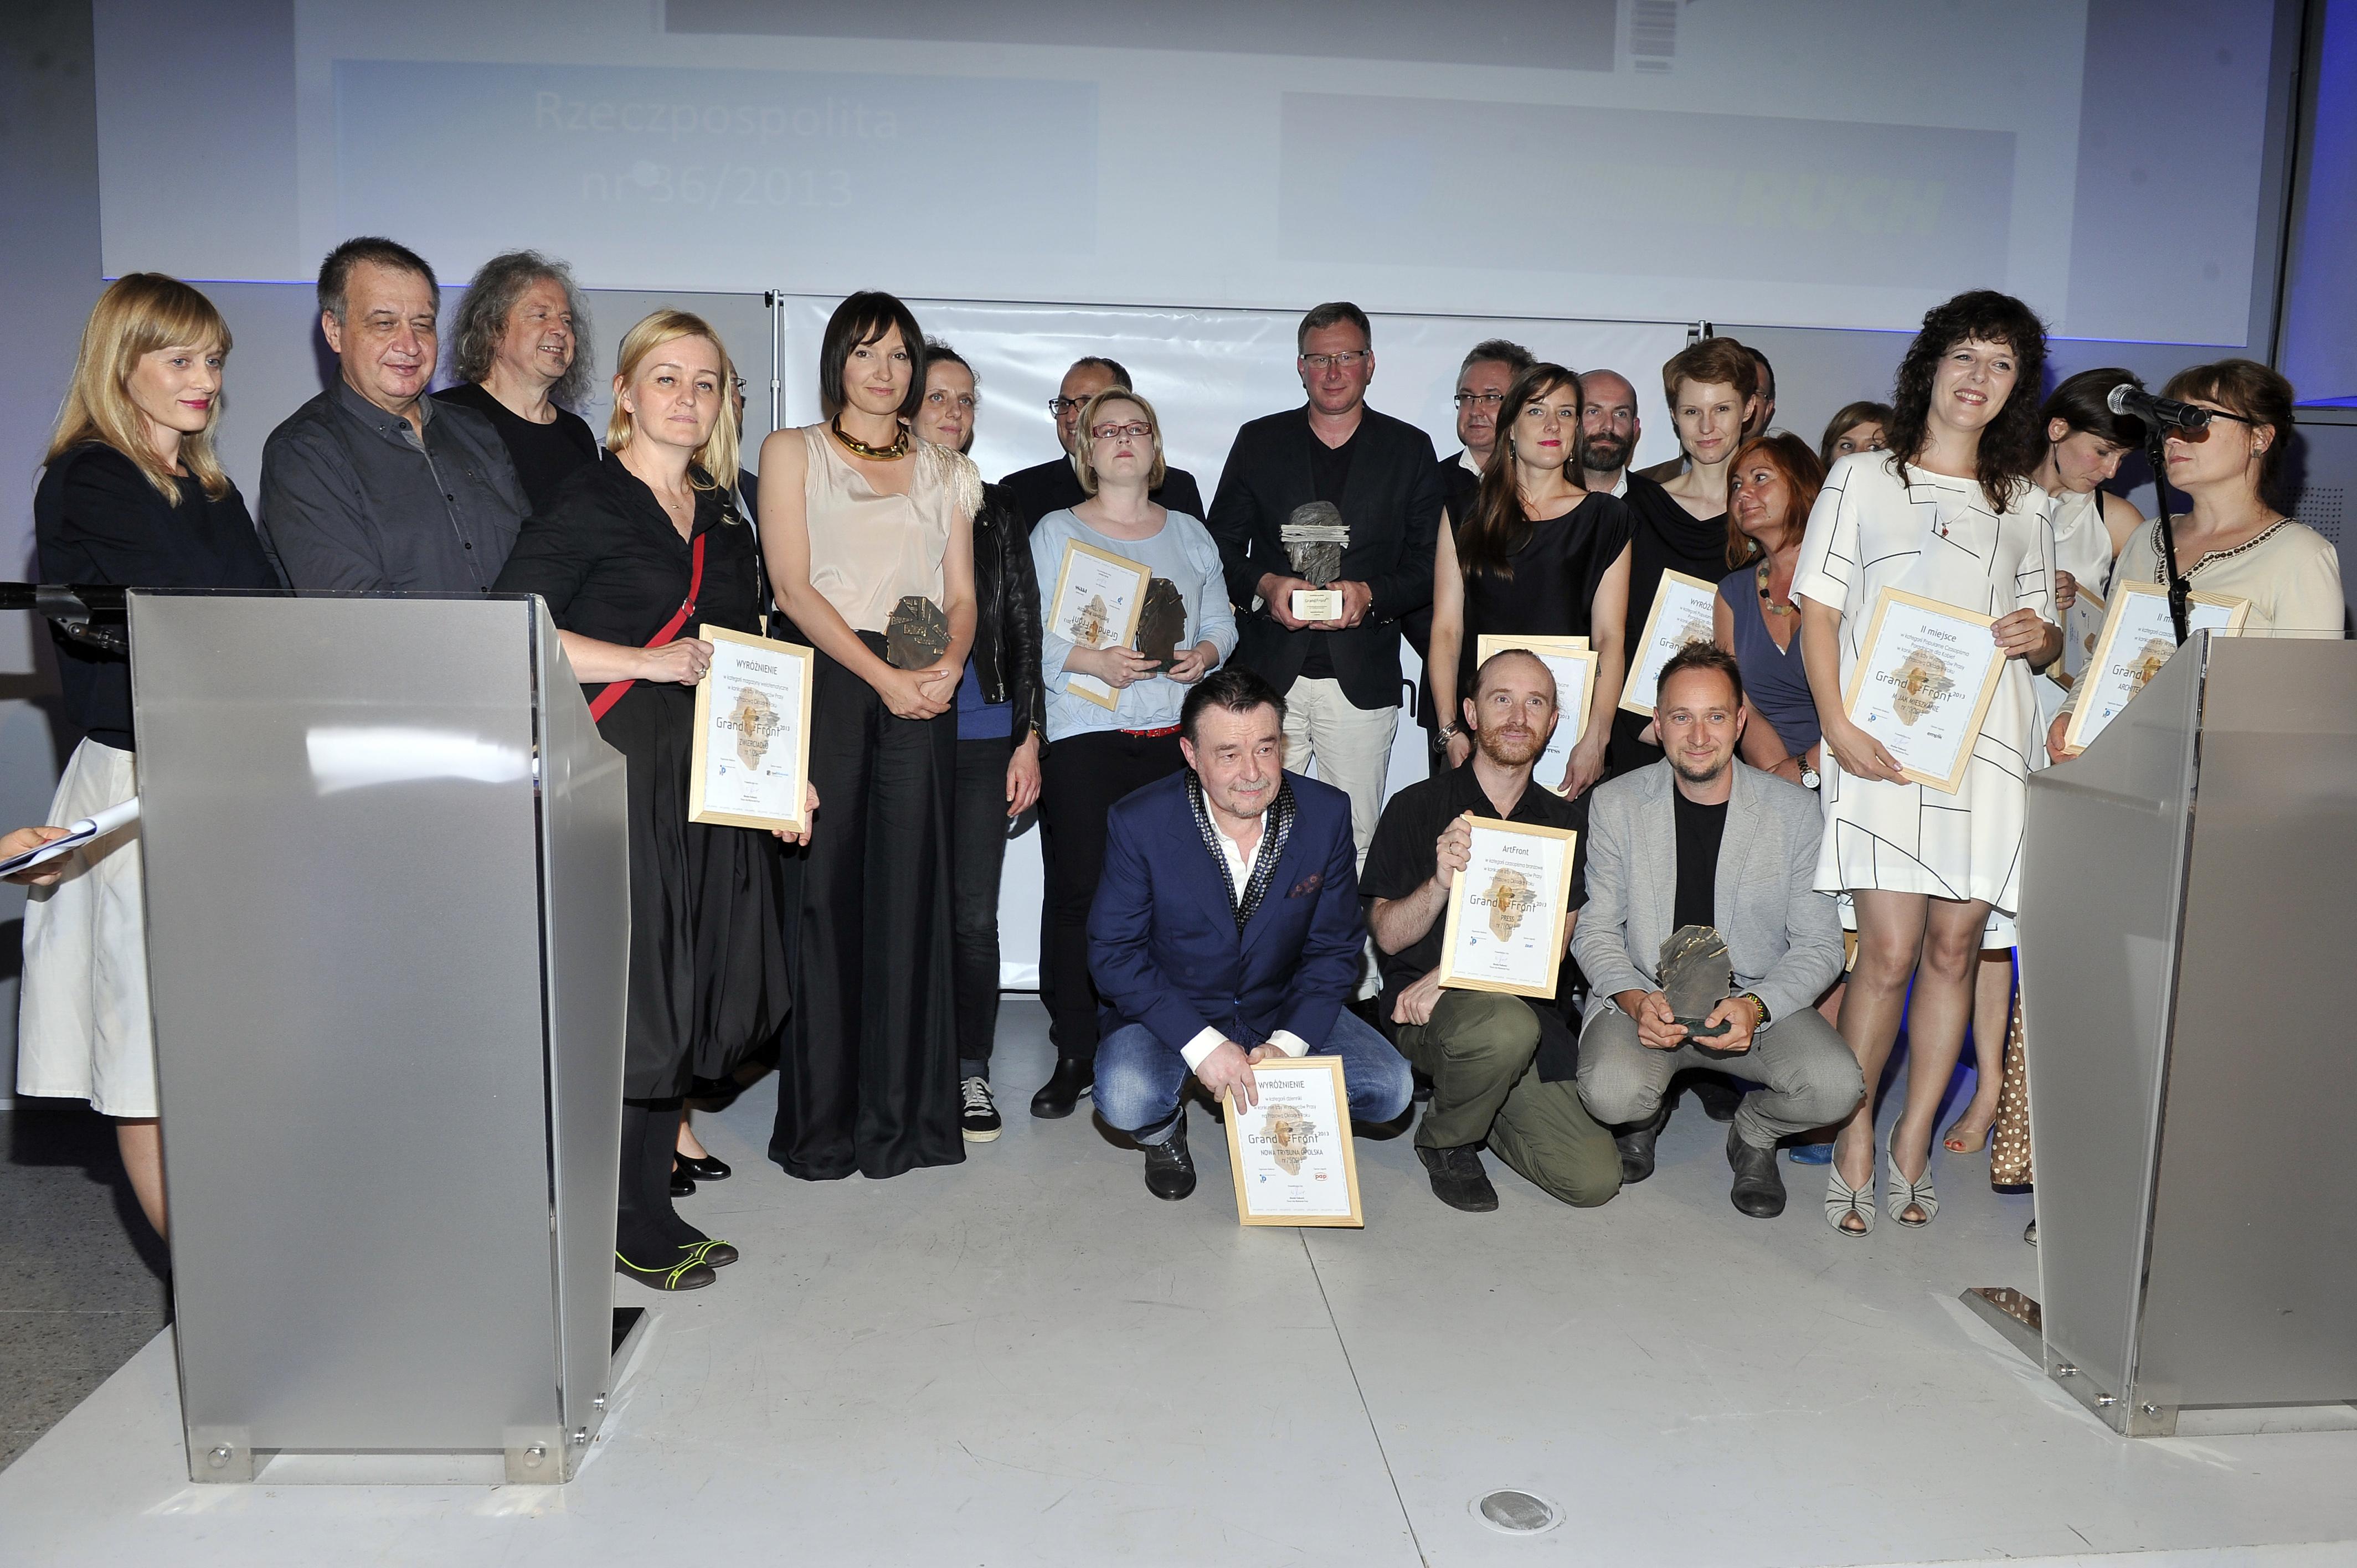 Pamiątkowe zdjęcie wszystkich laureatów Konkursu Izby Wydawców Prasy na Prasową Okładkę Roku GrandFront. fot. Mieszko Piętka/AKPA